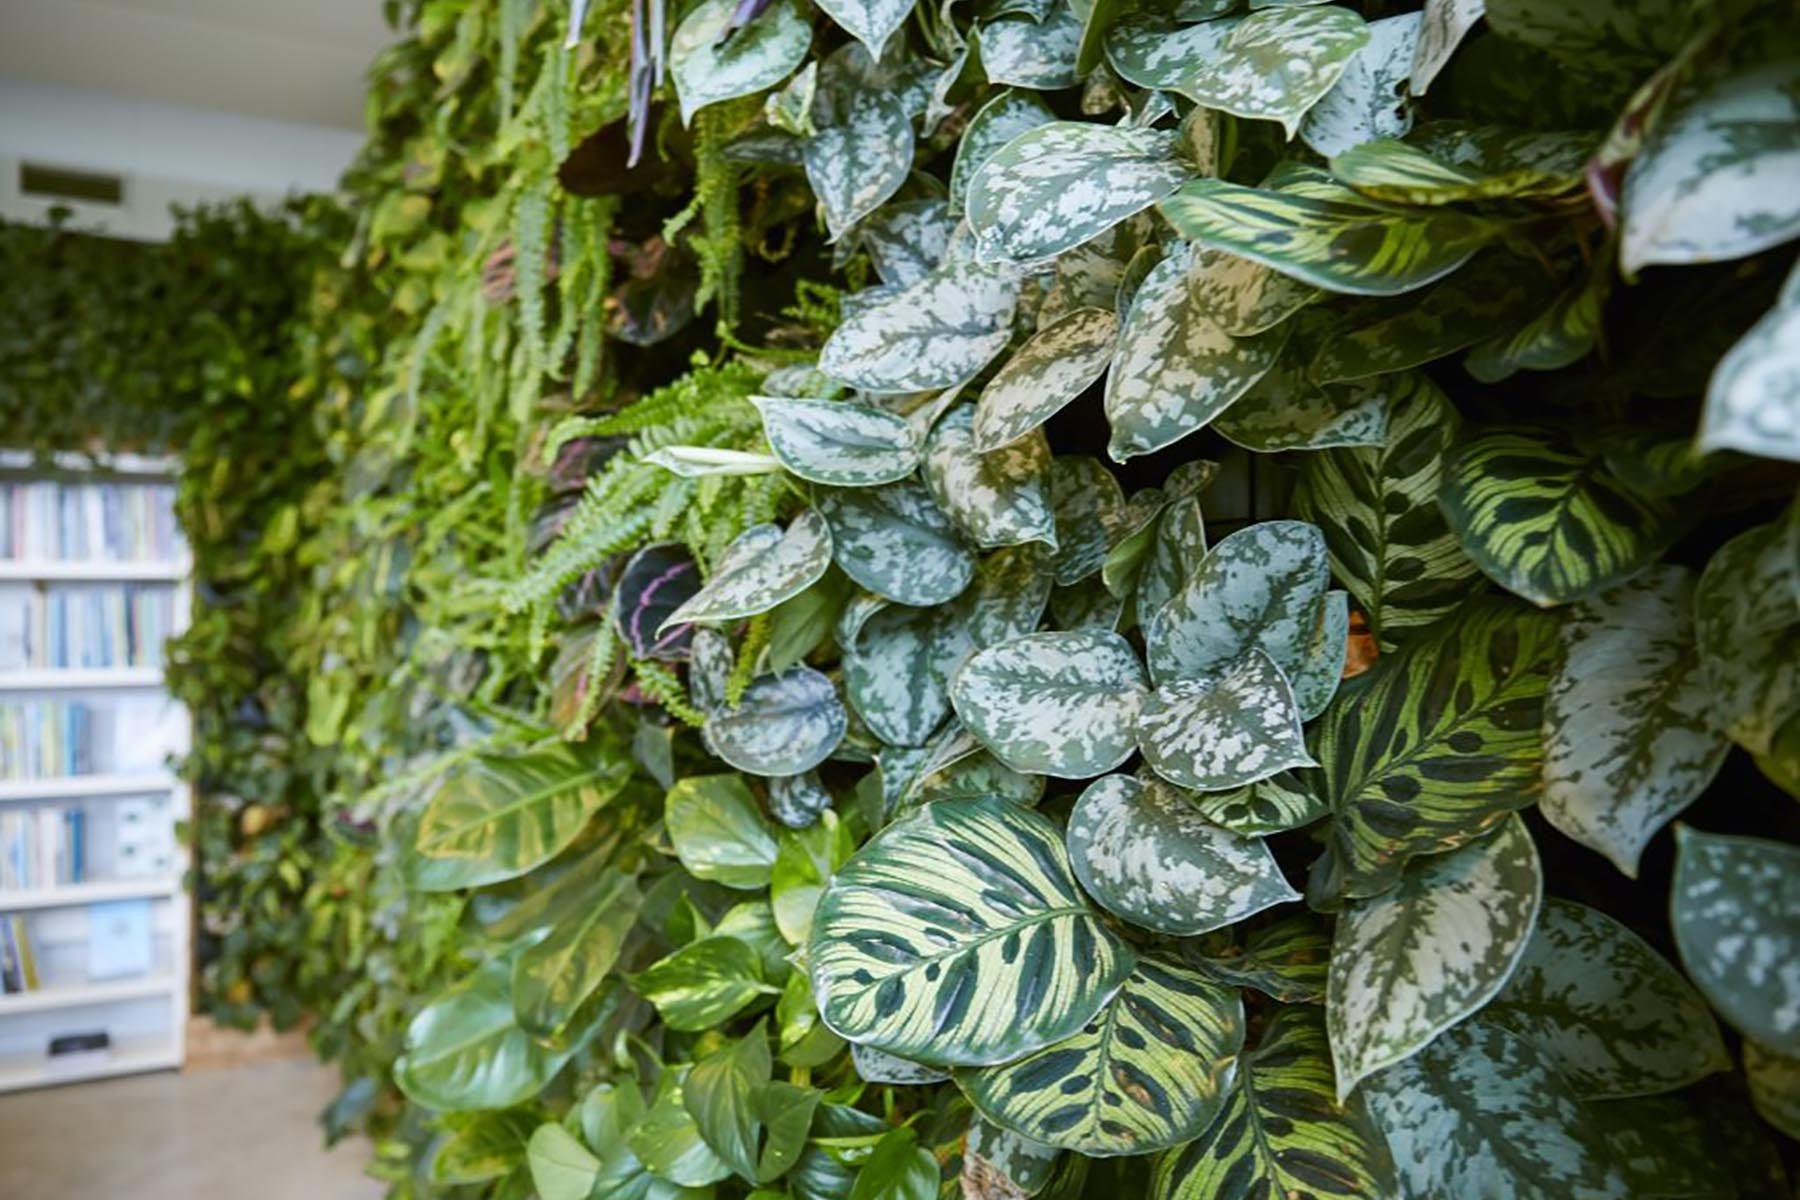 Veelgestelde vragen over groene wanden